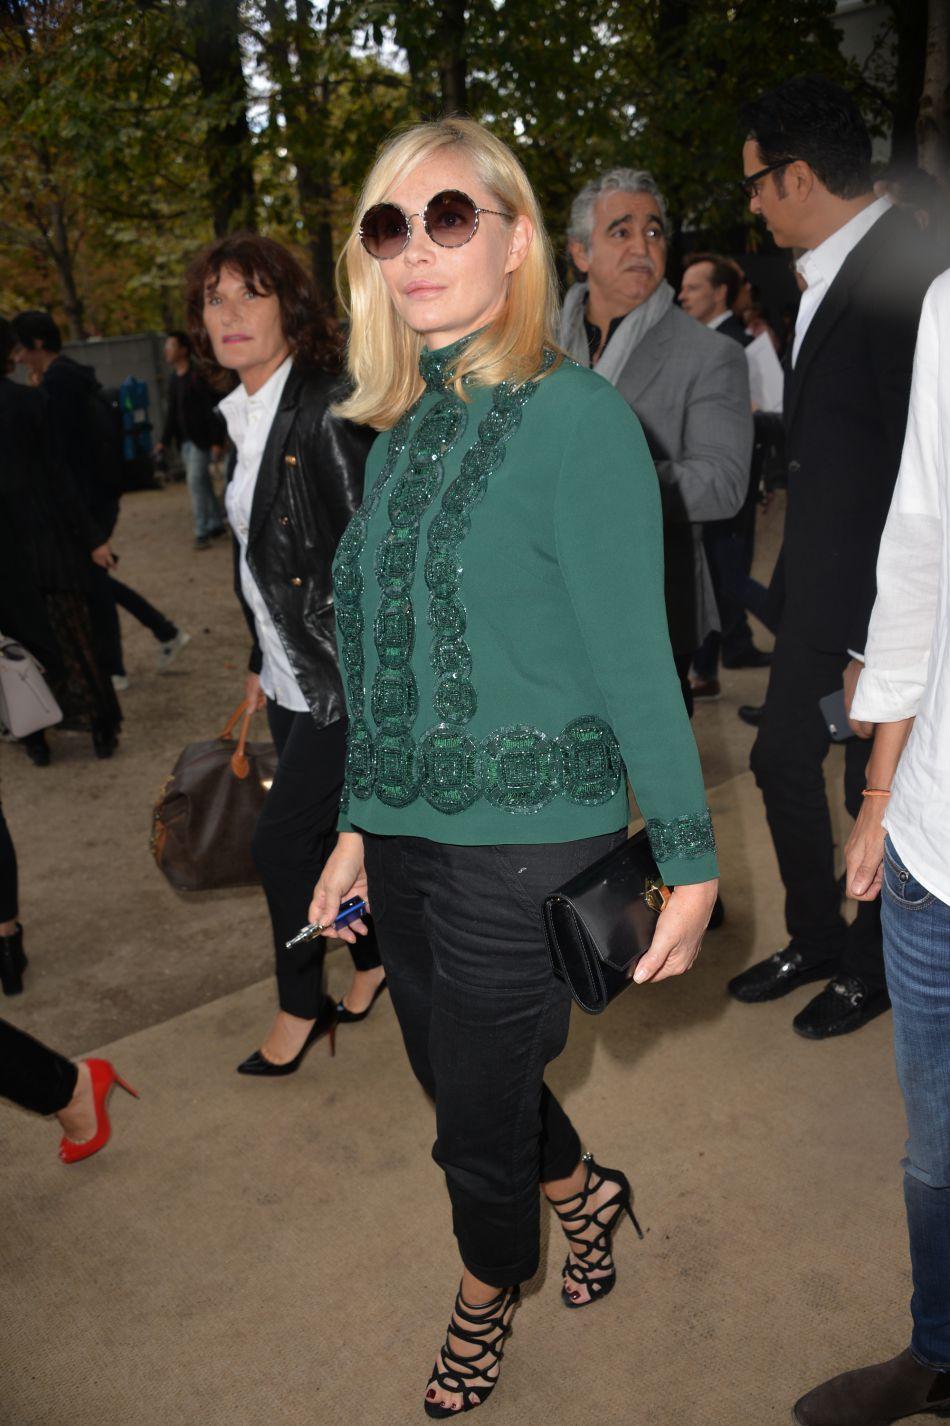 L'actrice Emmanuelle Béart à la Fashion Week parisienne, le 1er octobre 2016.